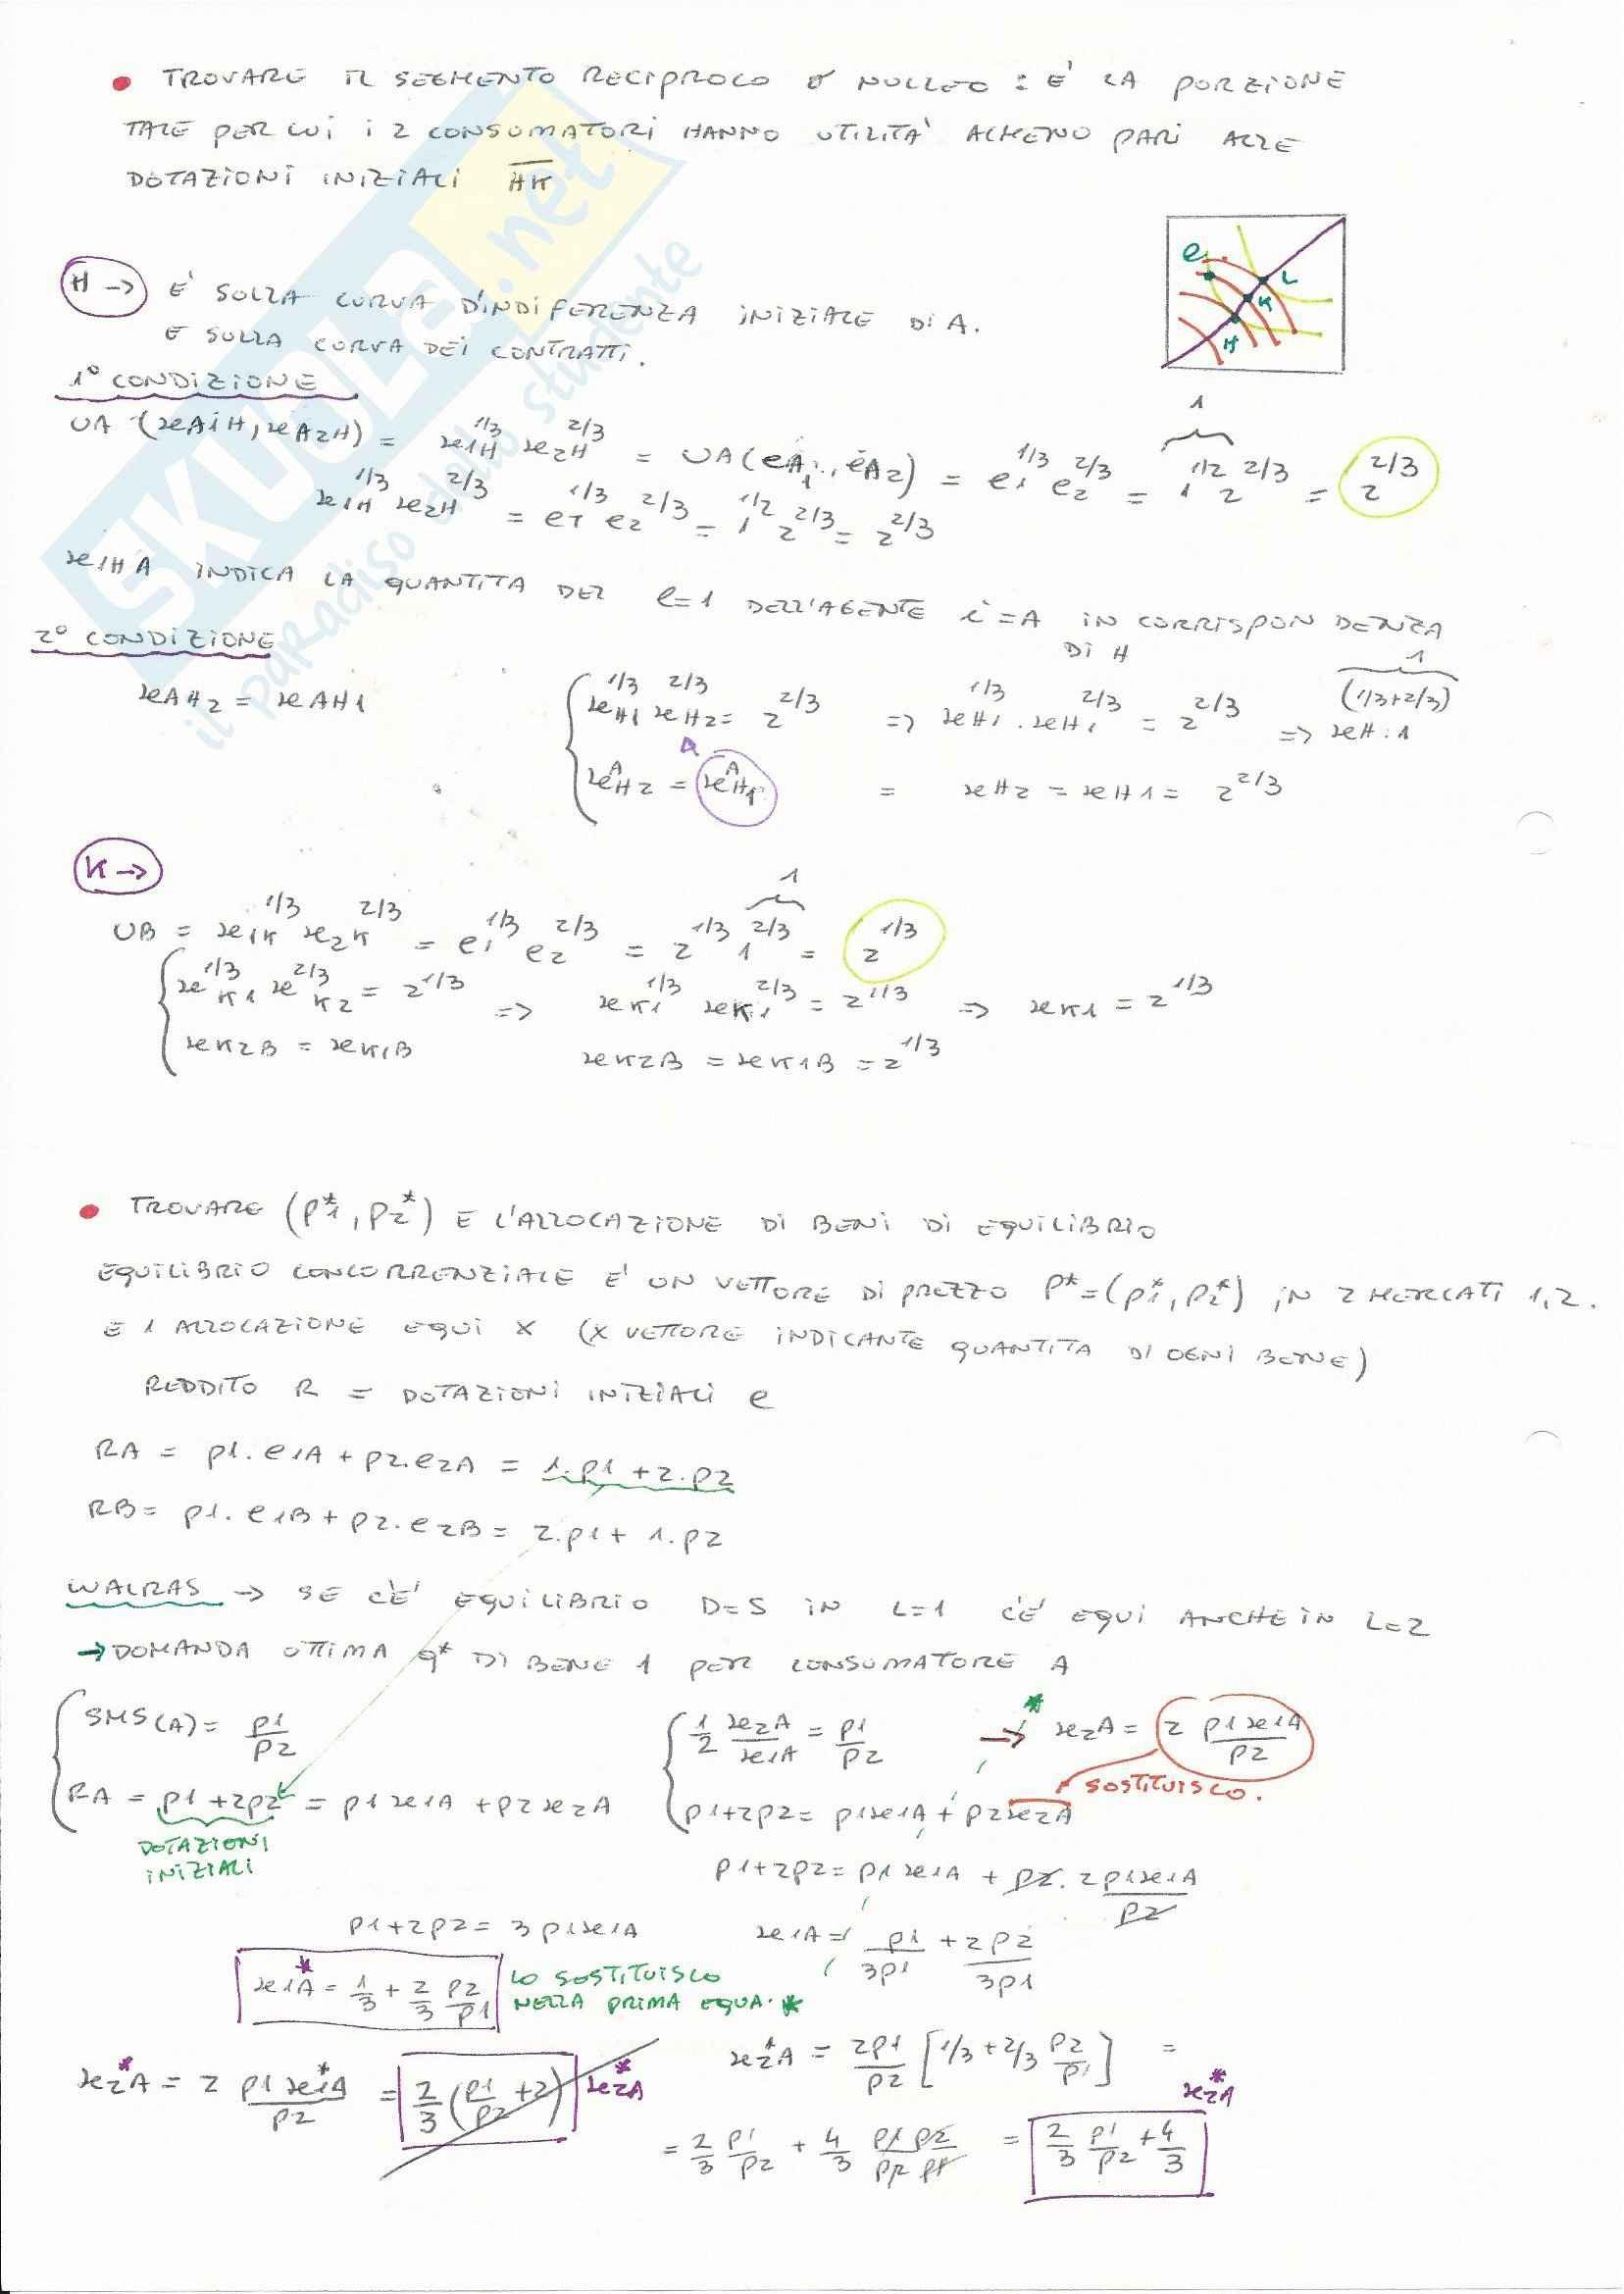 Teorie e esercitazioni su microeconomia,  Economia politica Pag. 61